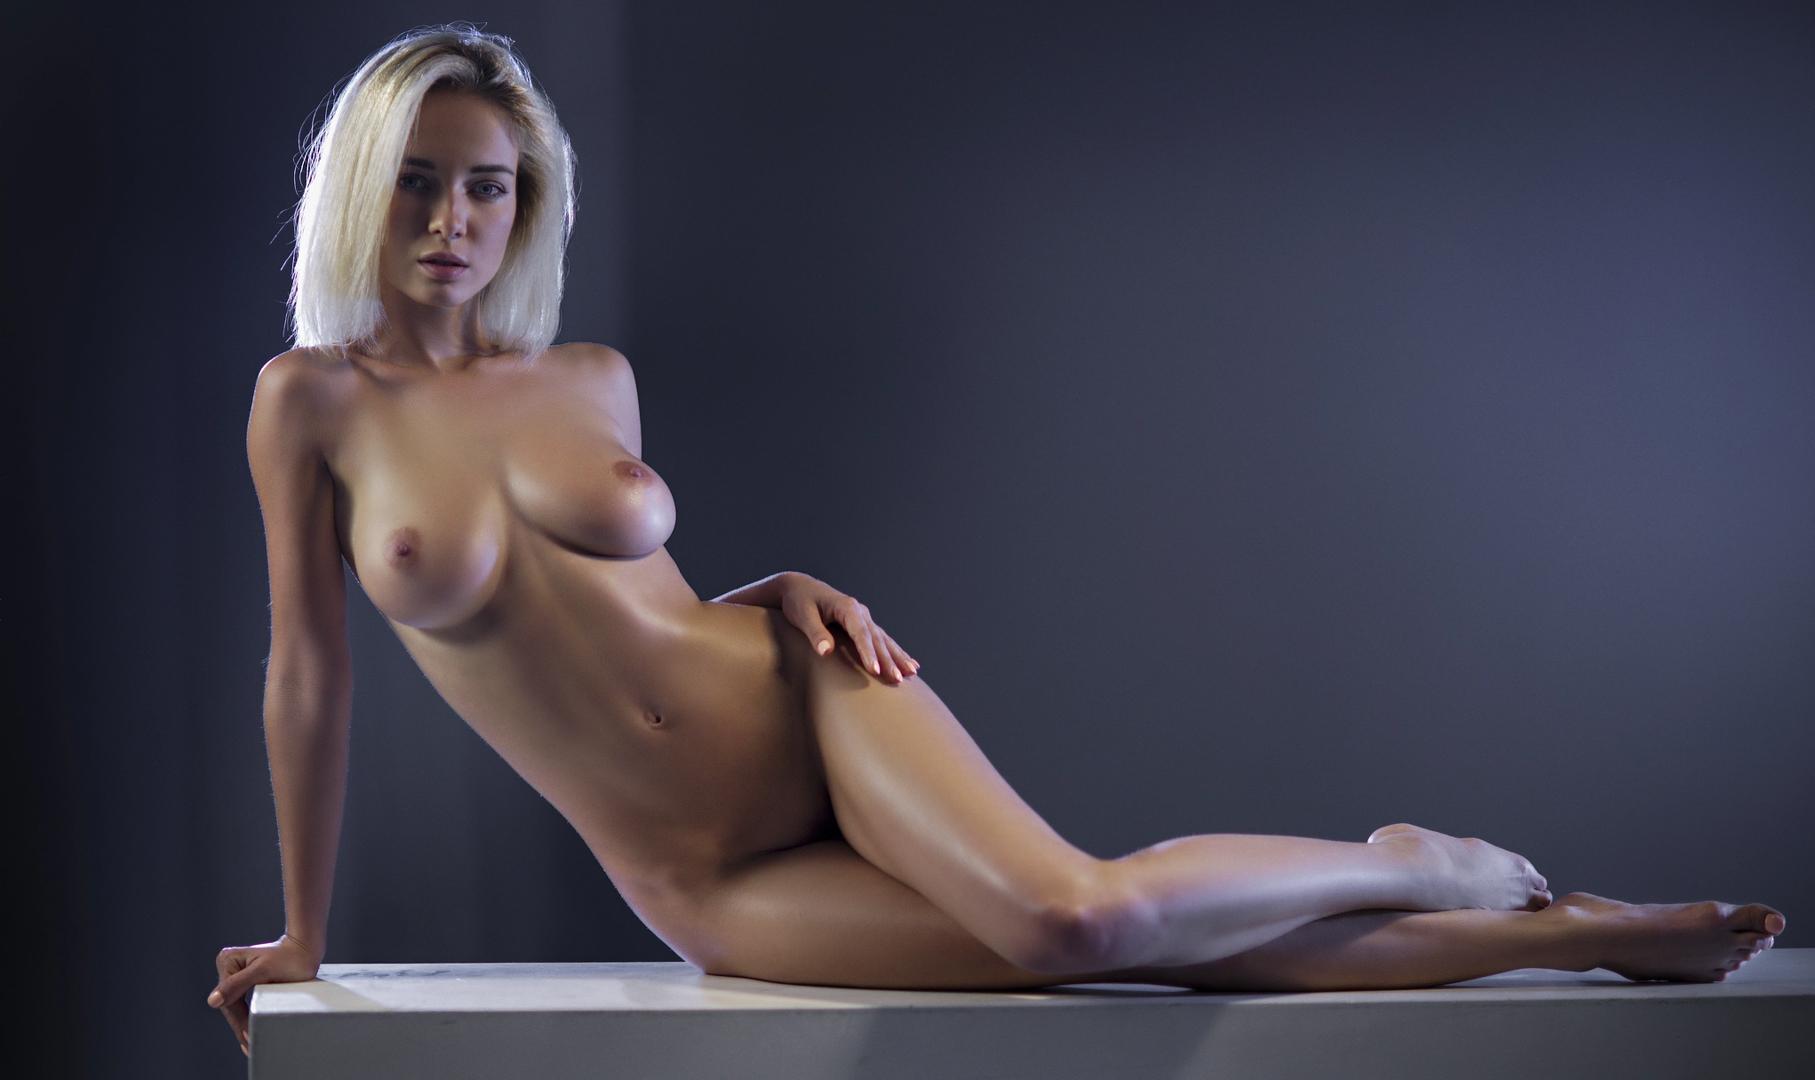 Natalia Andreeva Porn